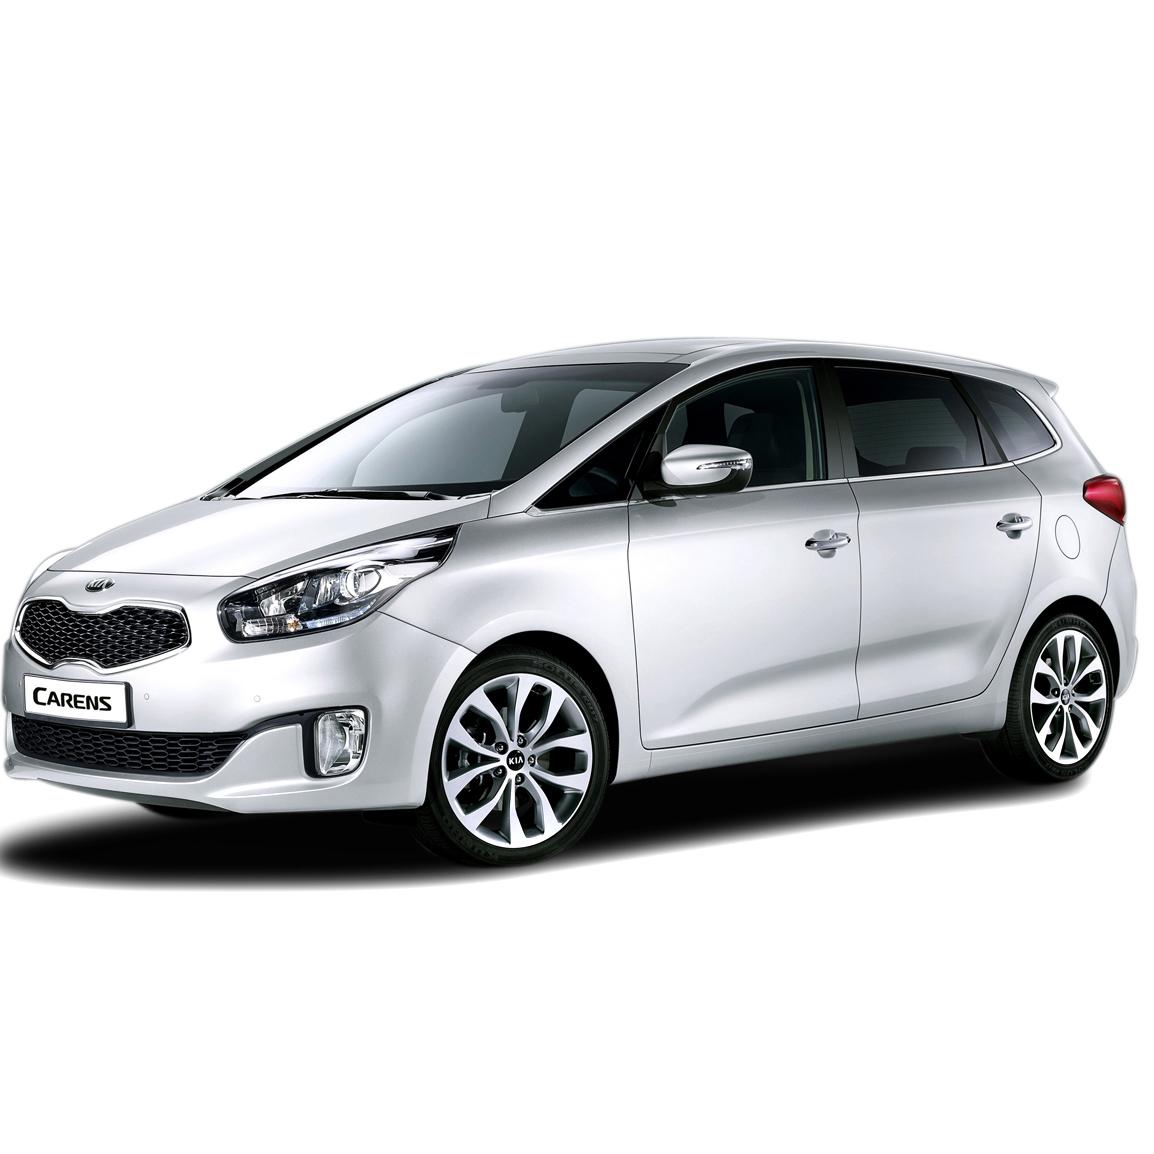 Kia Carens Car Mats (All Models)